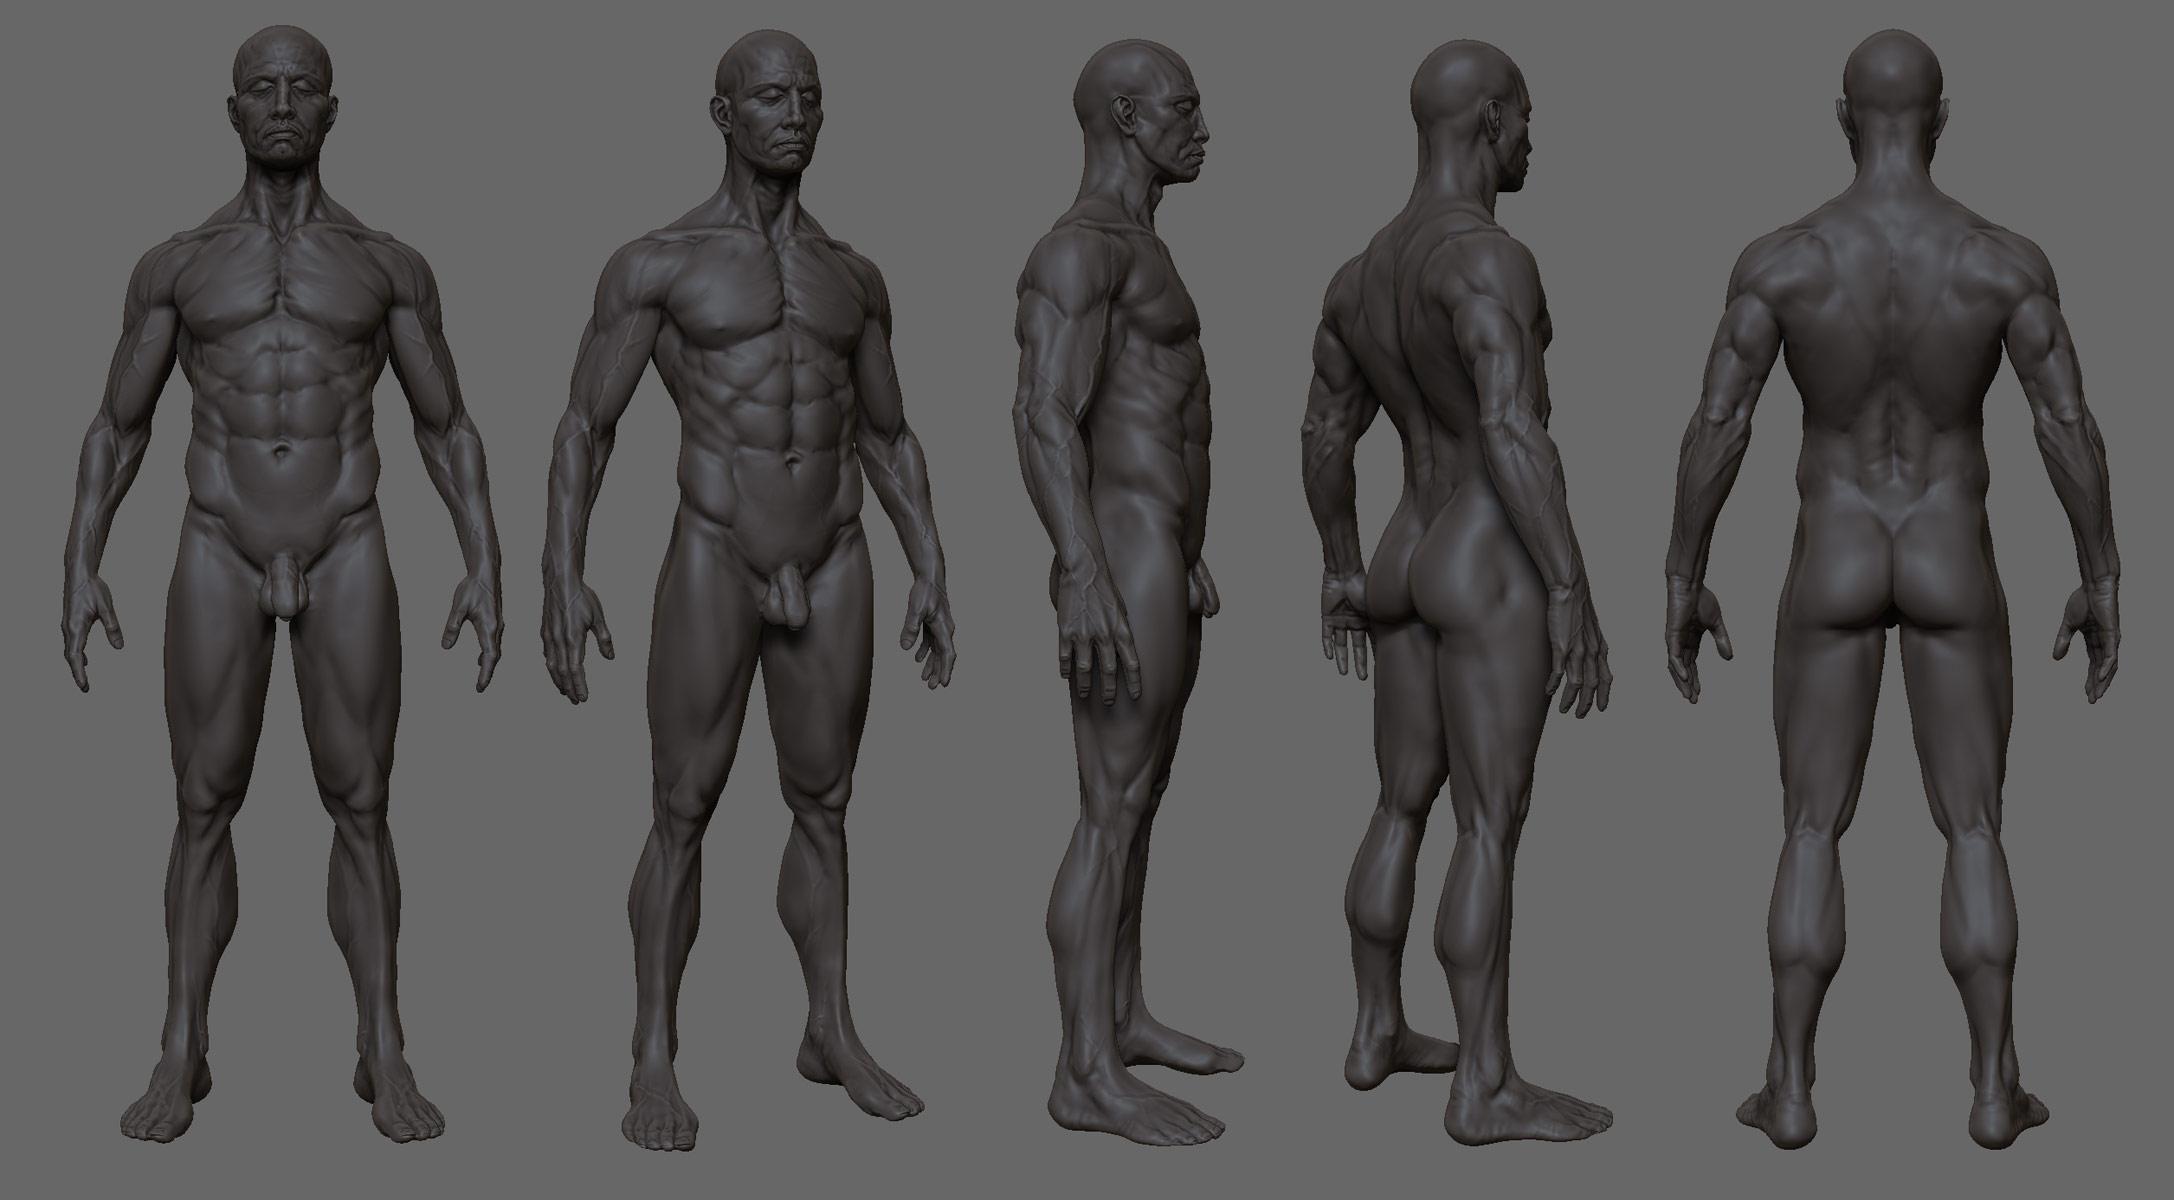 Anatomy study ZB3 by mojette